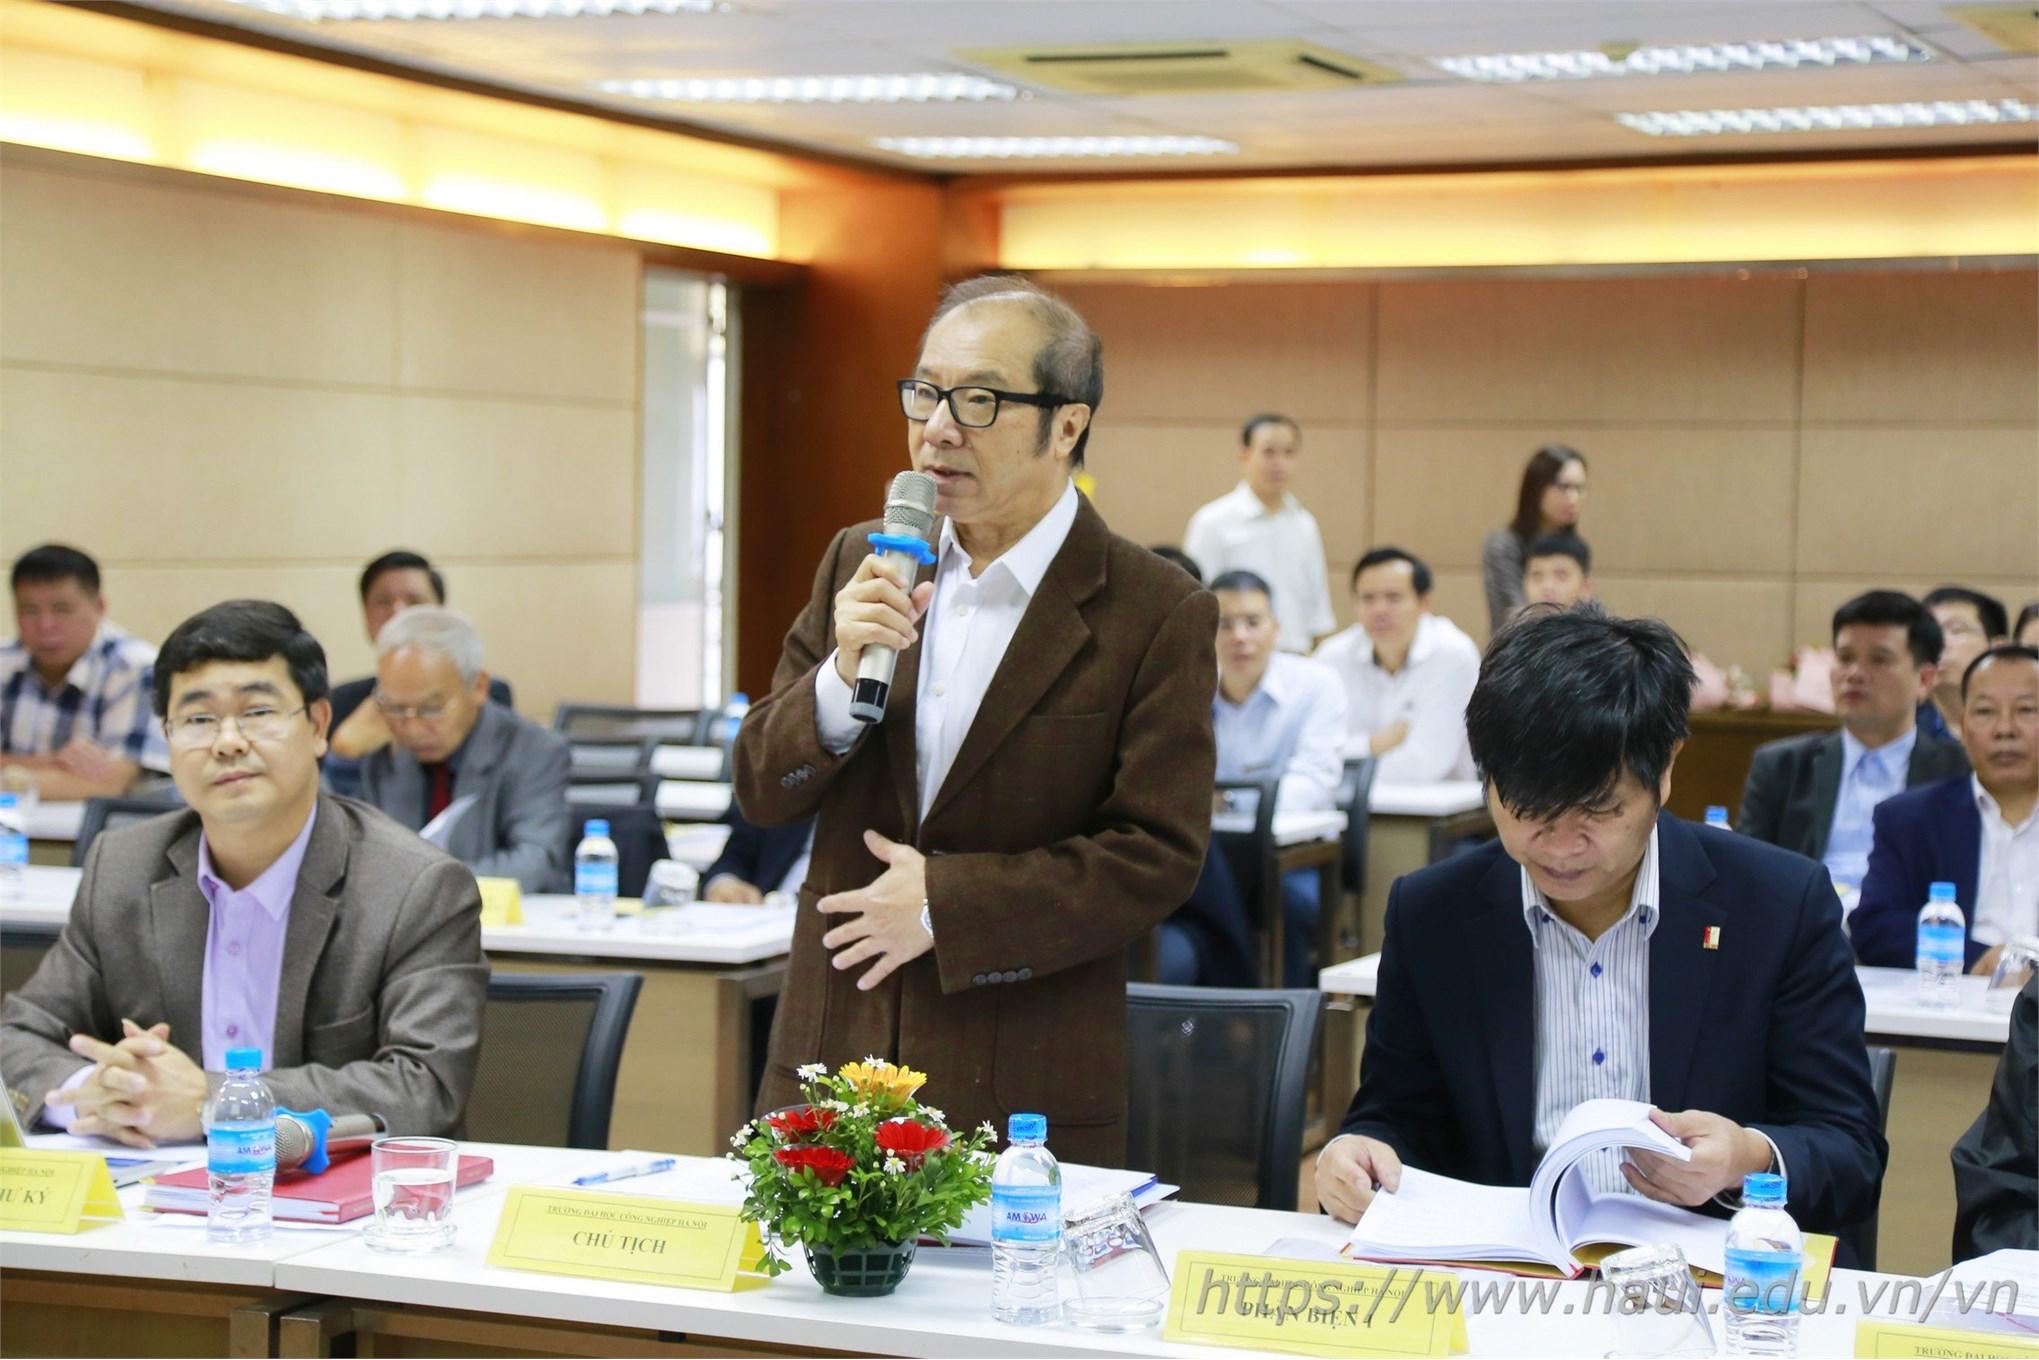 Trường Đại học Công nghiệp Hà Nội Tổ chức bảo vệ luận án tiến sĩ cấp trường cho NCS Nguyễn Văn Đức, chuyên ngành Kỹ thuật Cơ khí, mã số 9520103.